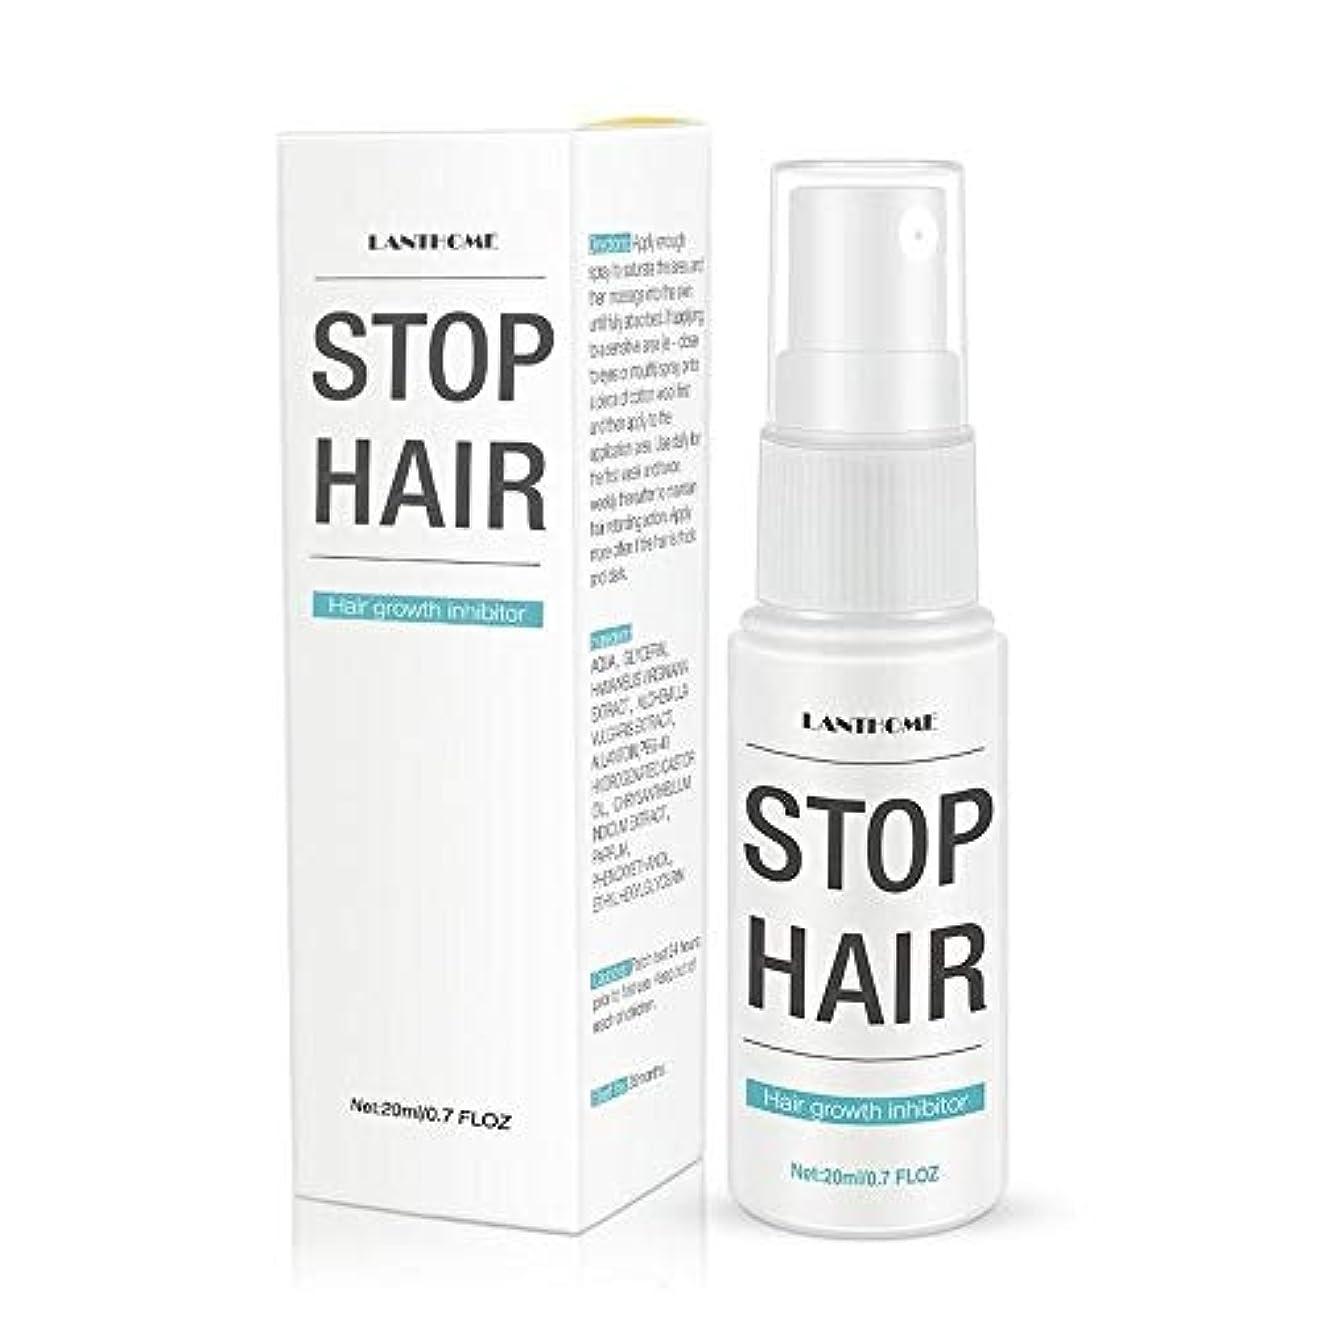 ポジティブ貼り直す判定発毛抑制停止発毛抑制剤陰毛皮膚修復スムースボディ脱毛治療マイルドスプレー脱毛剤